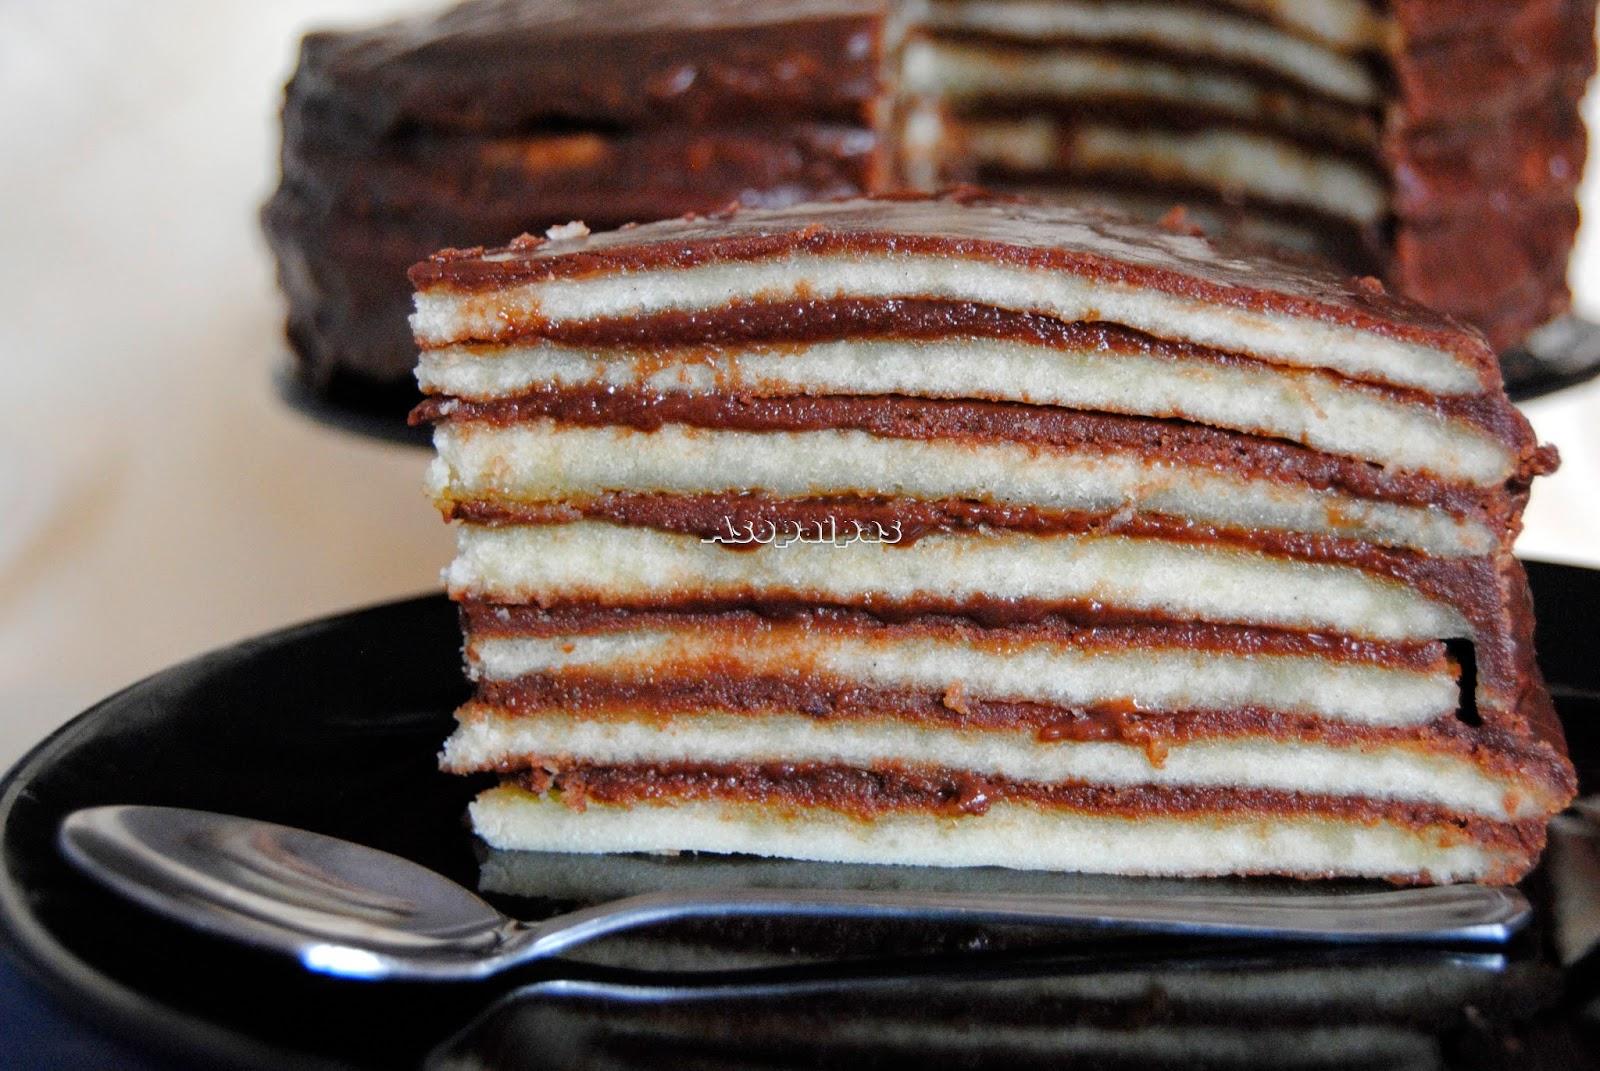 Smithisland Cake Recipe